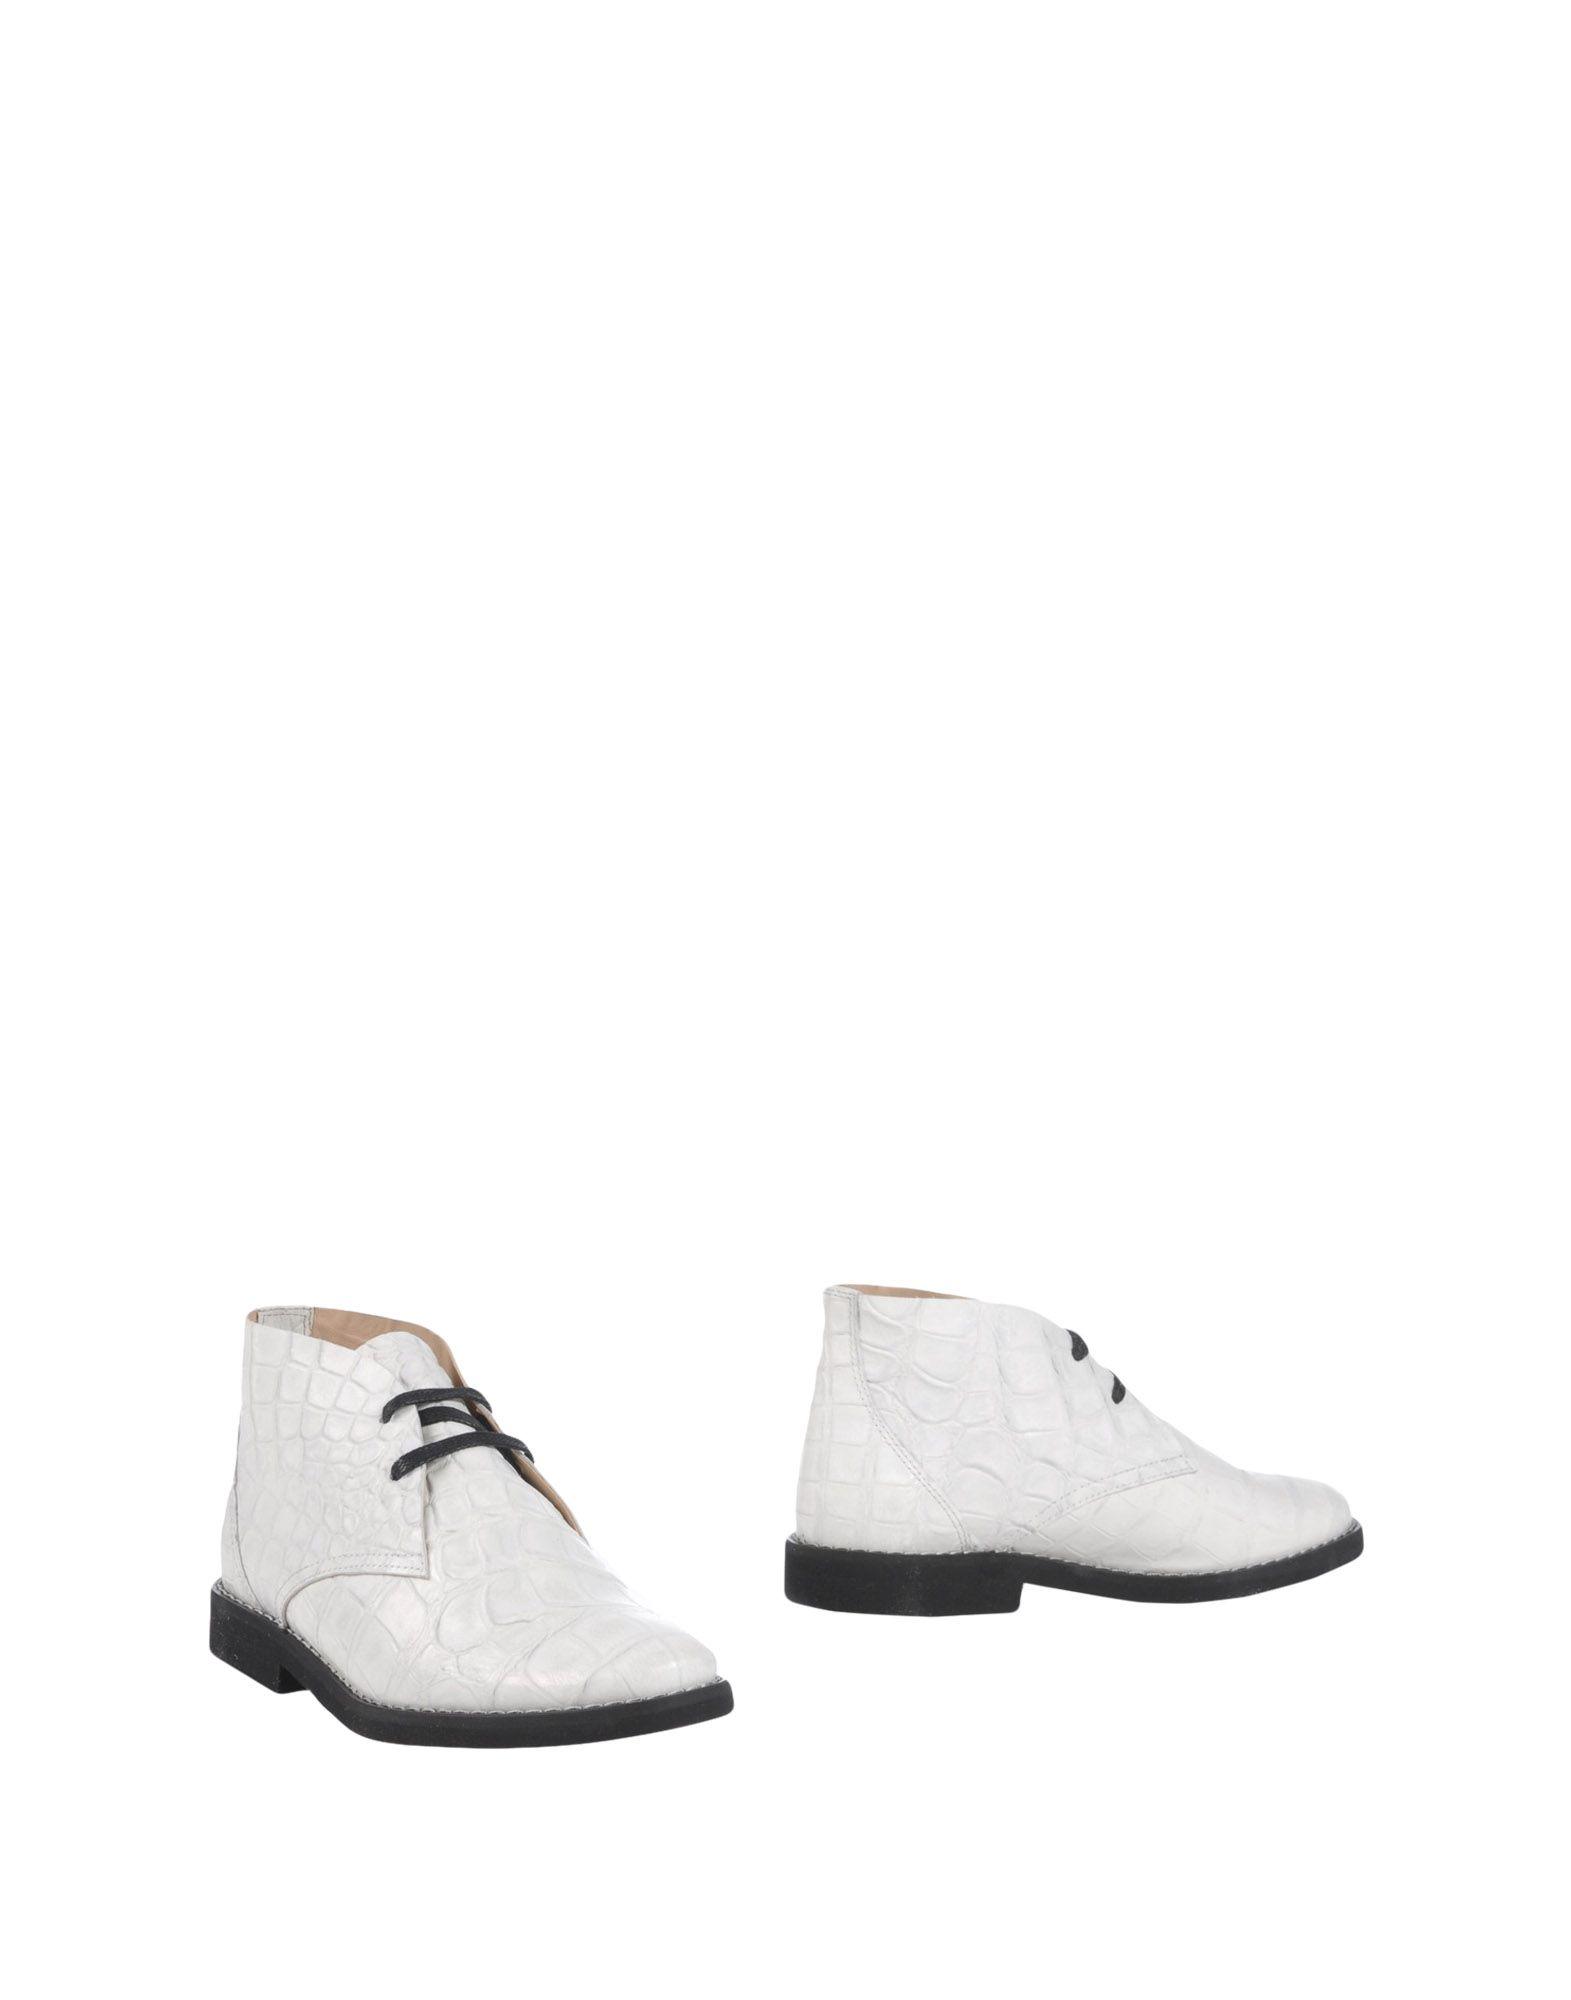 MYSUELLY Полусапоги и высокие ботинки цены онлайн